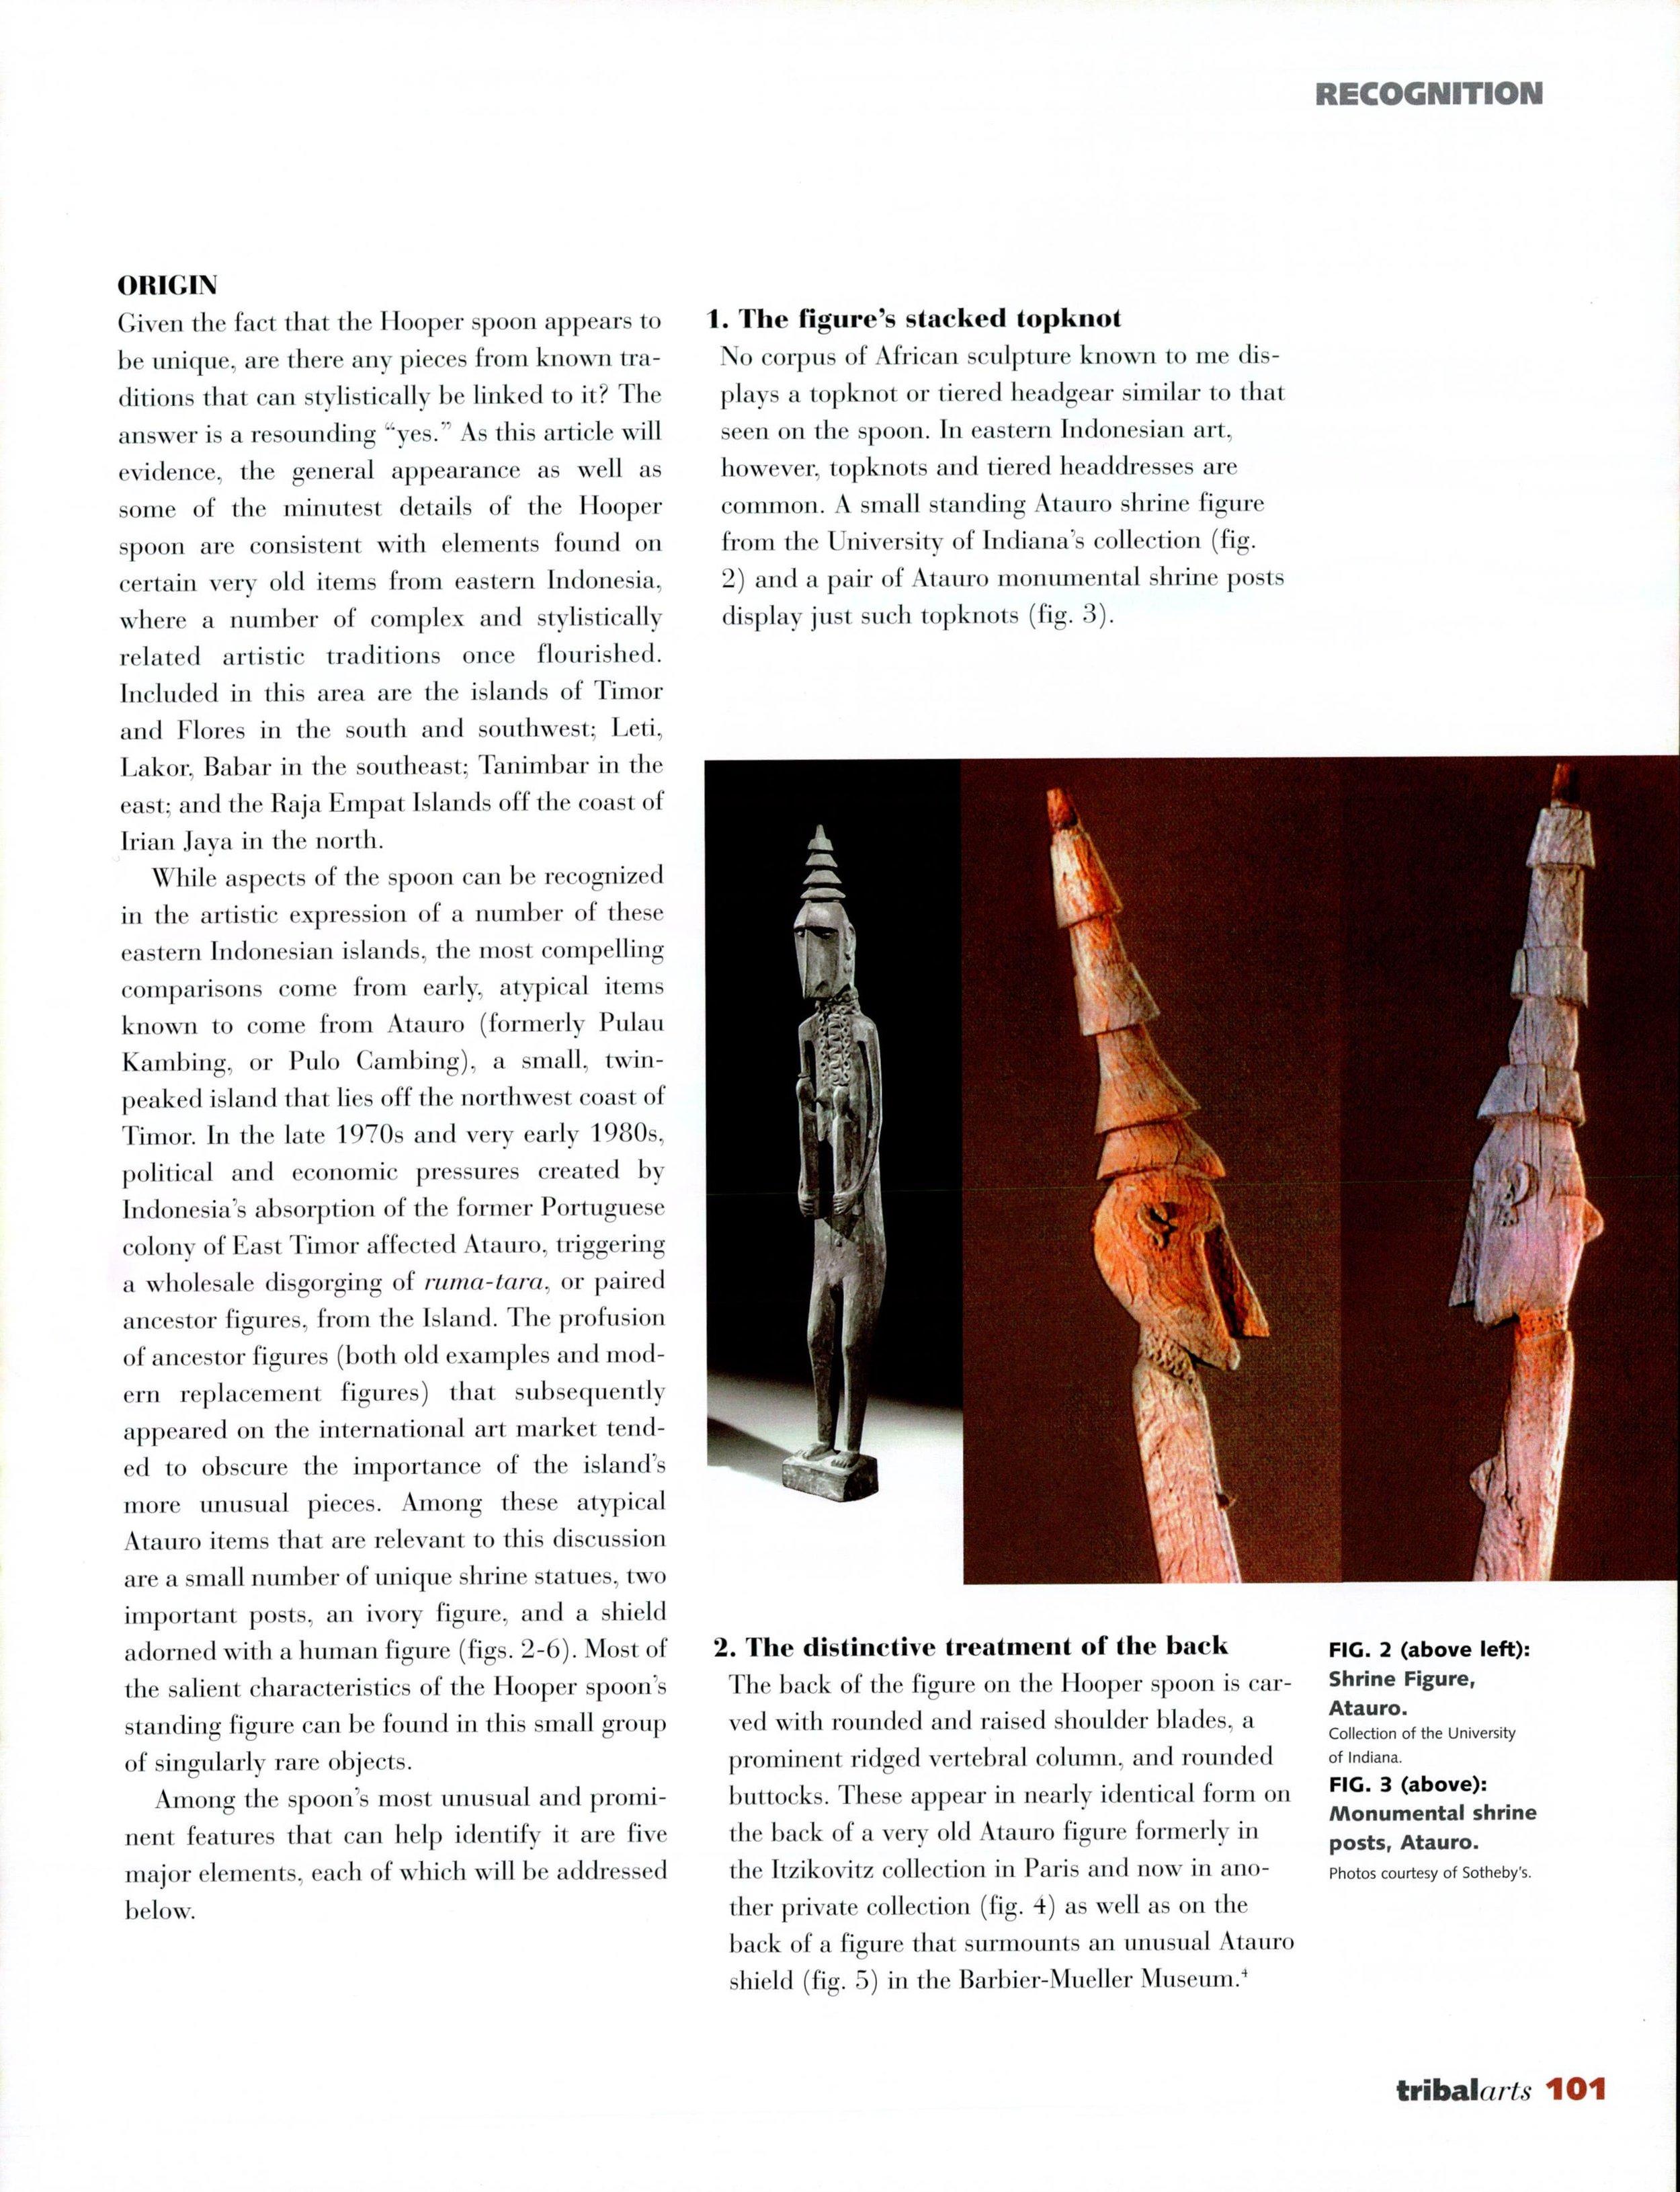 Tribal Art Magazine Steven G. Alpert